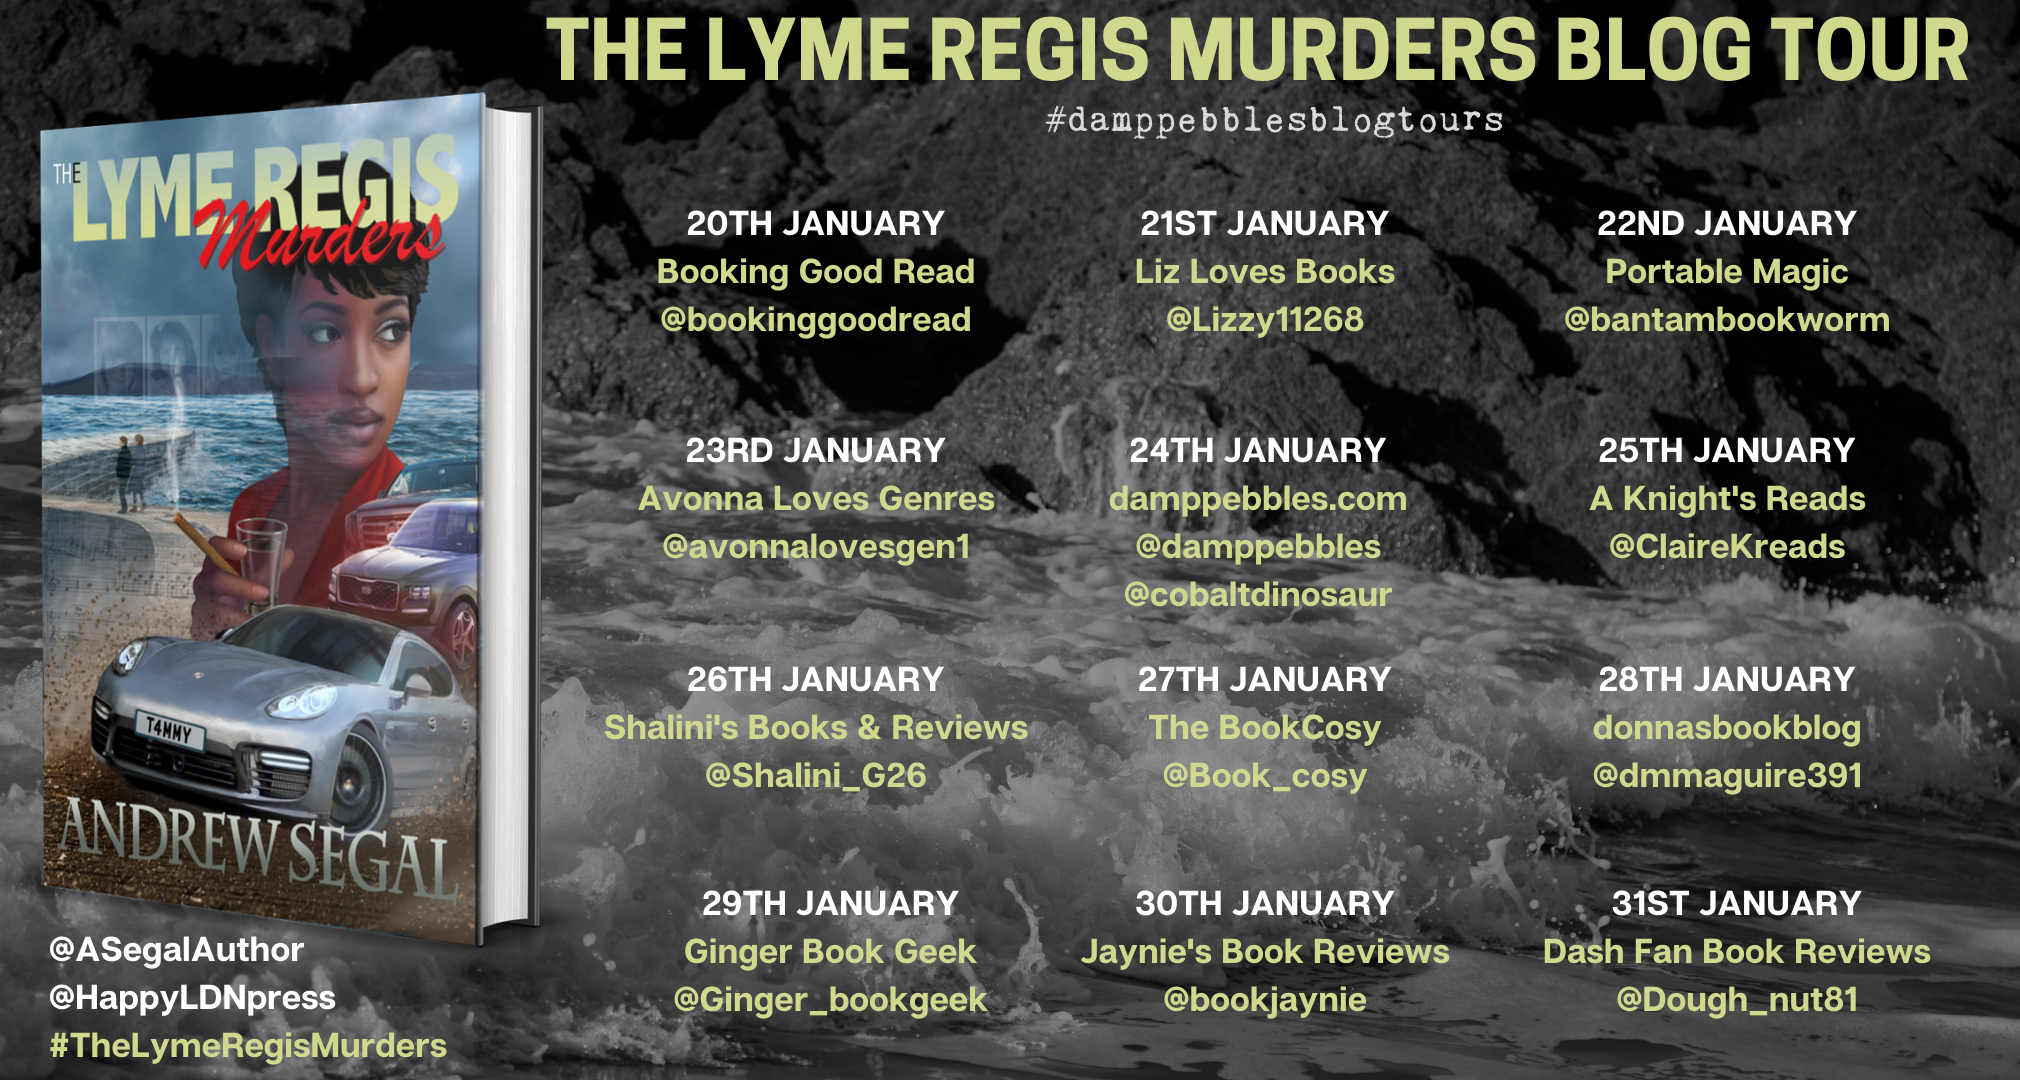 The Lyme Regis Murders banner